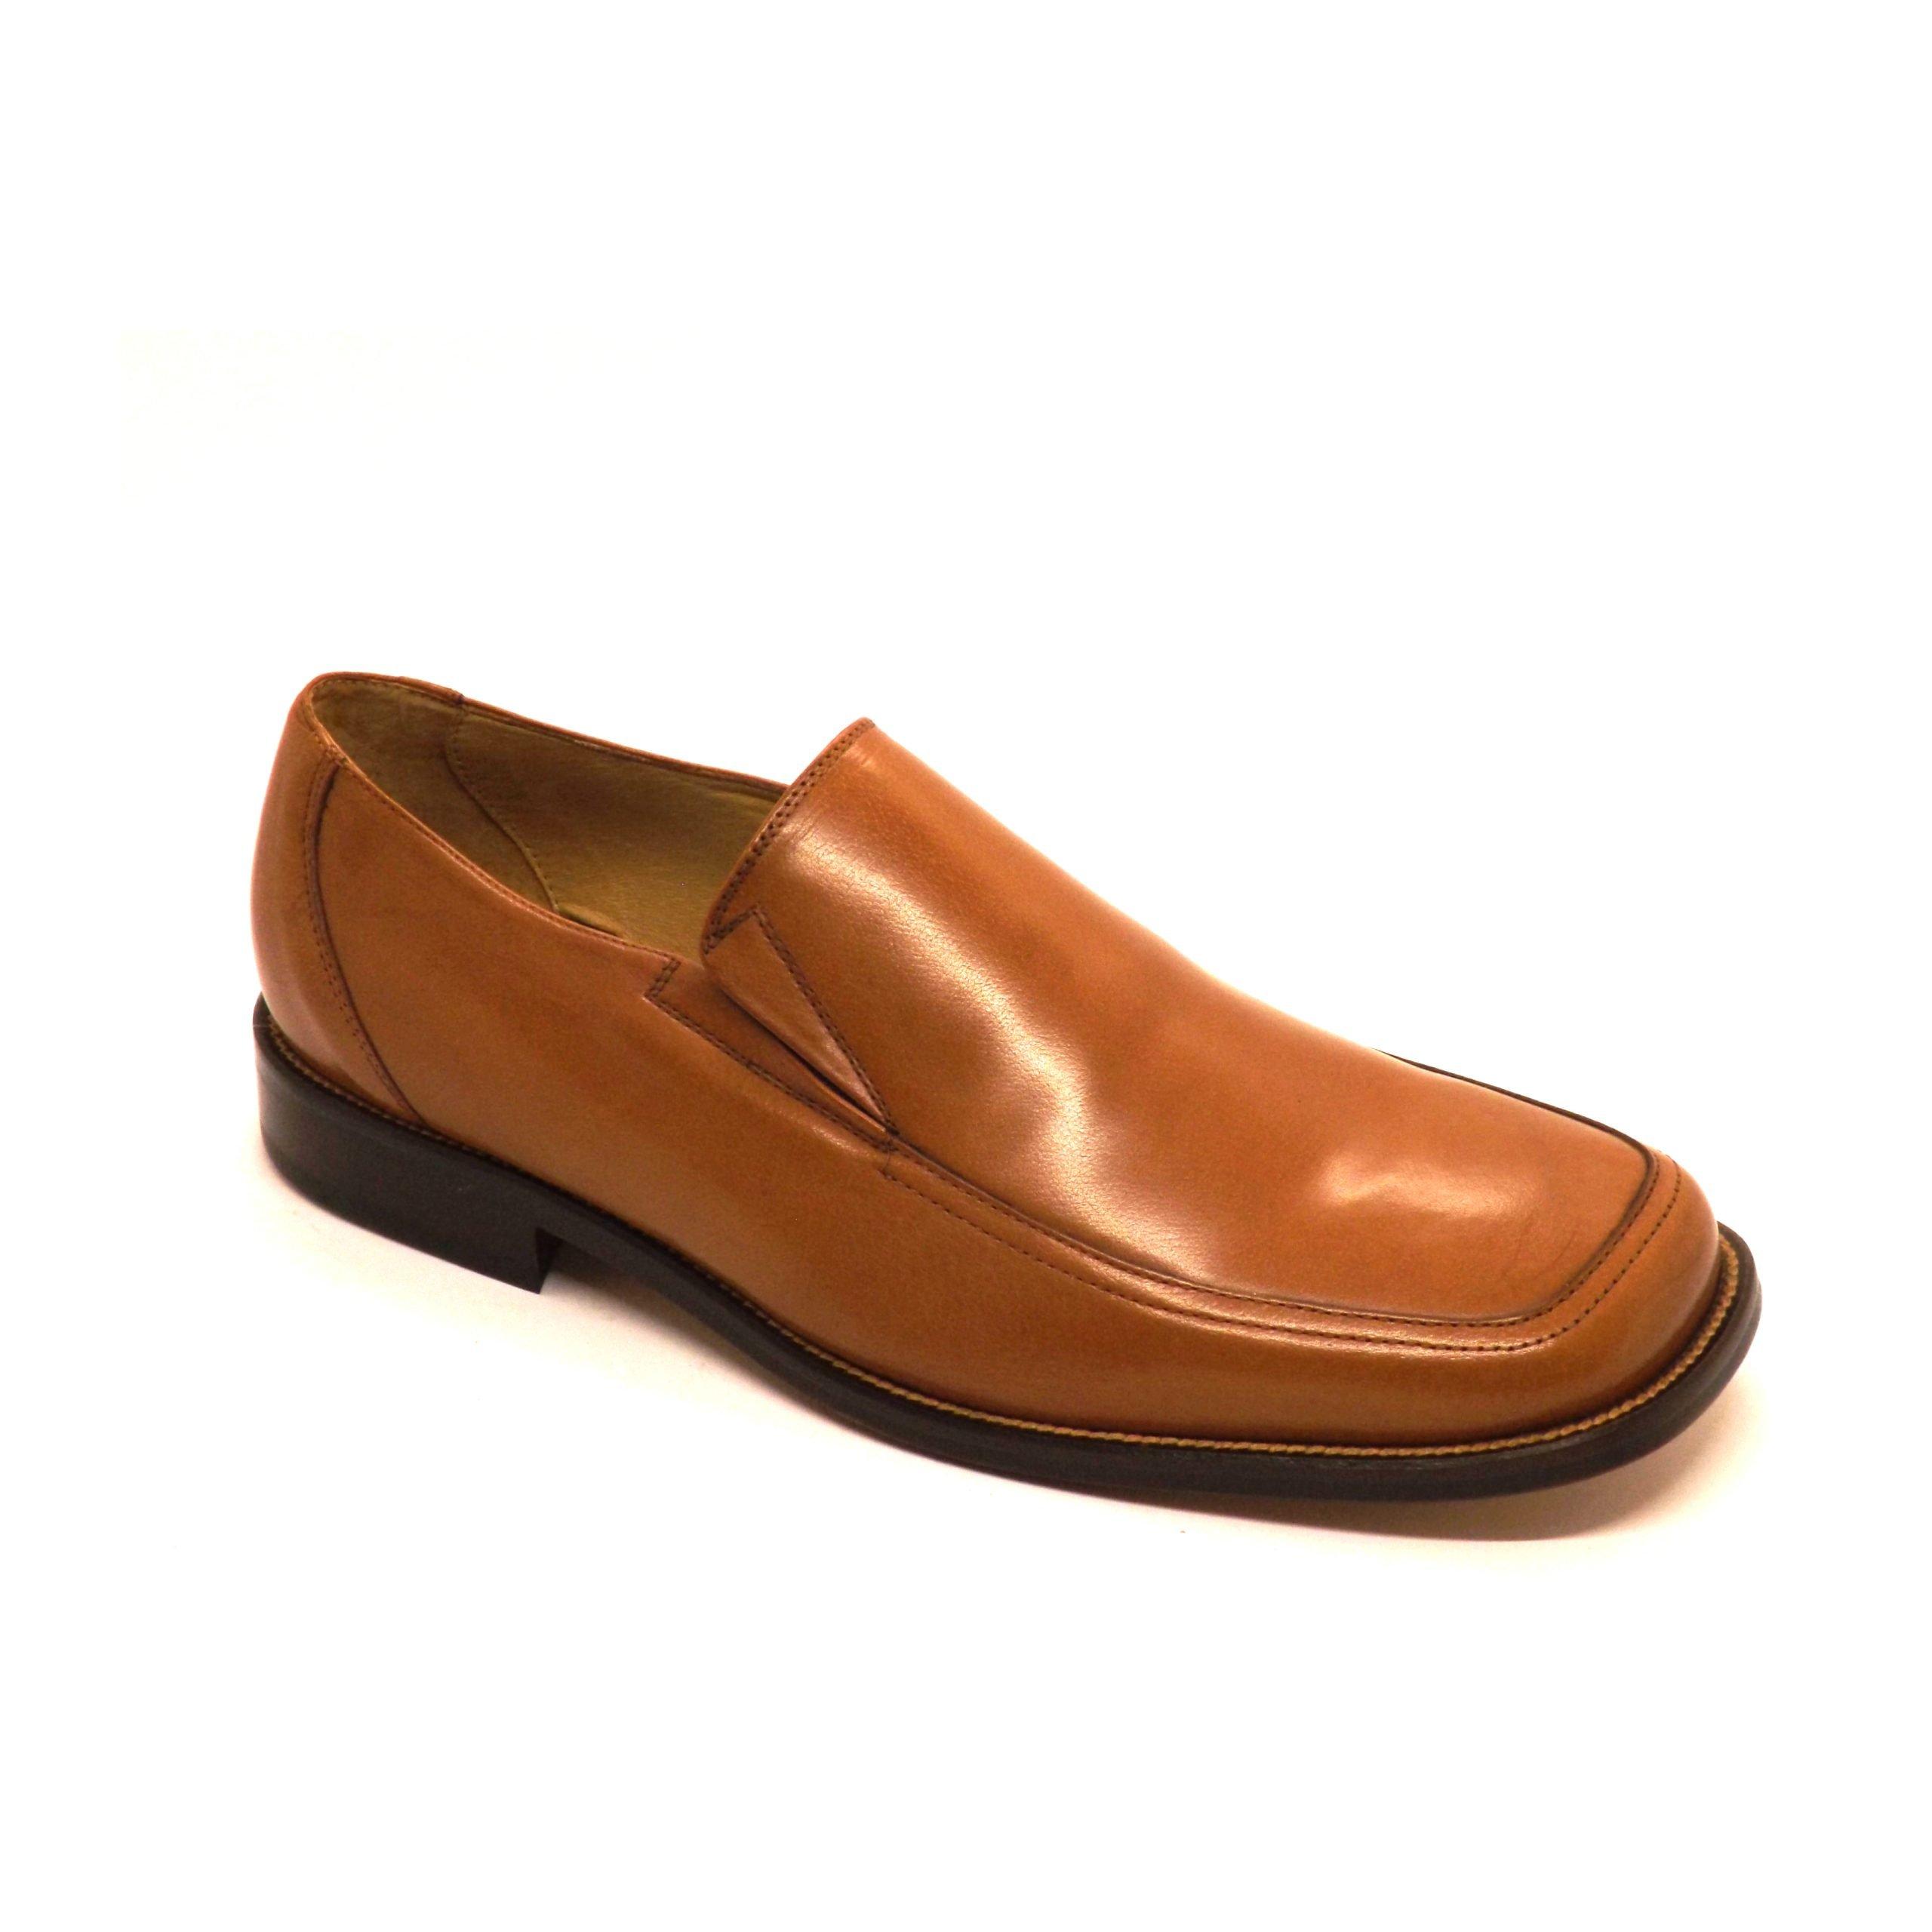 Zapato k Torsi Cuero